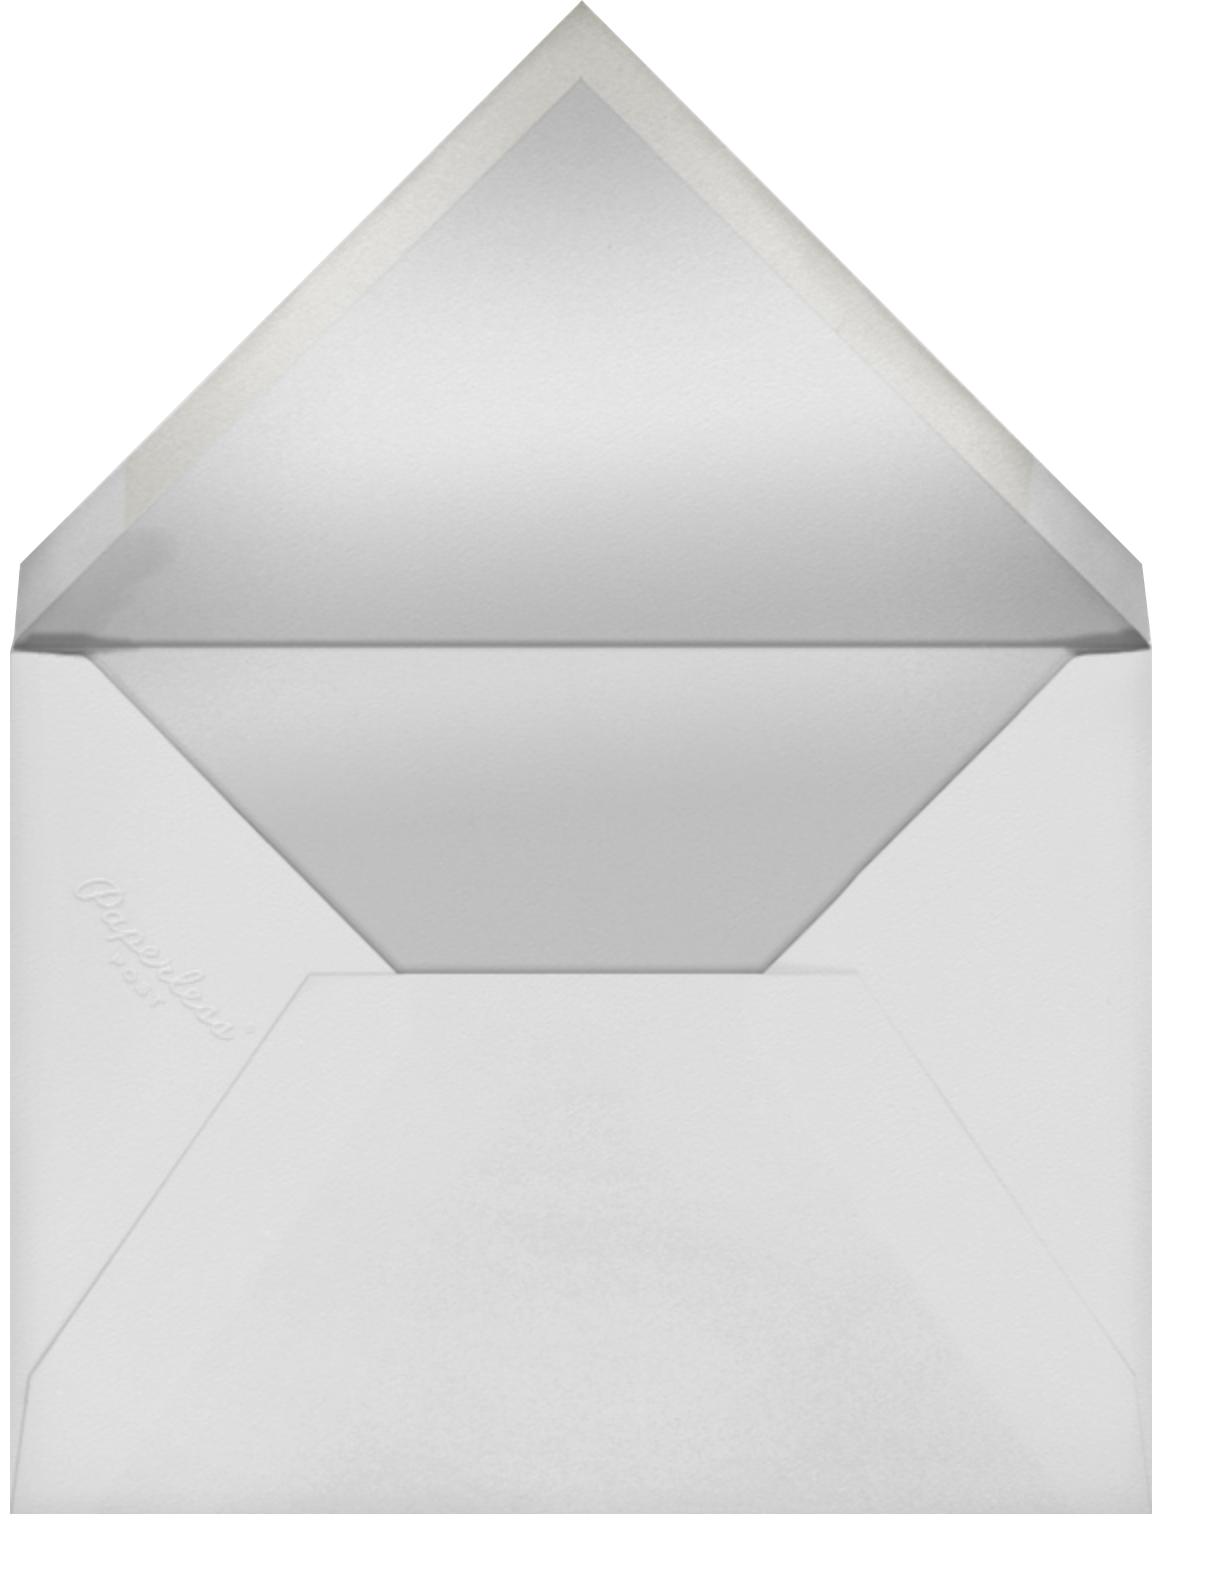 Orangerie - White - Rifle Paper Co. - Rehearsal dinner - envelope back